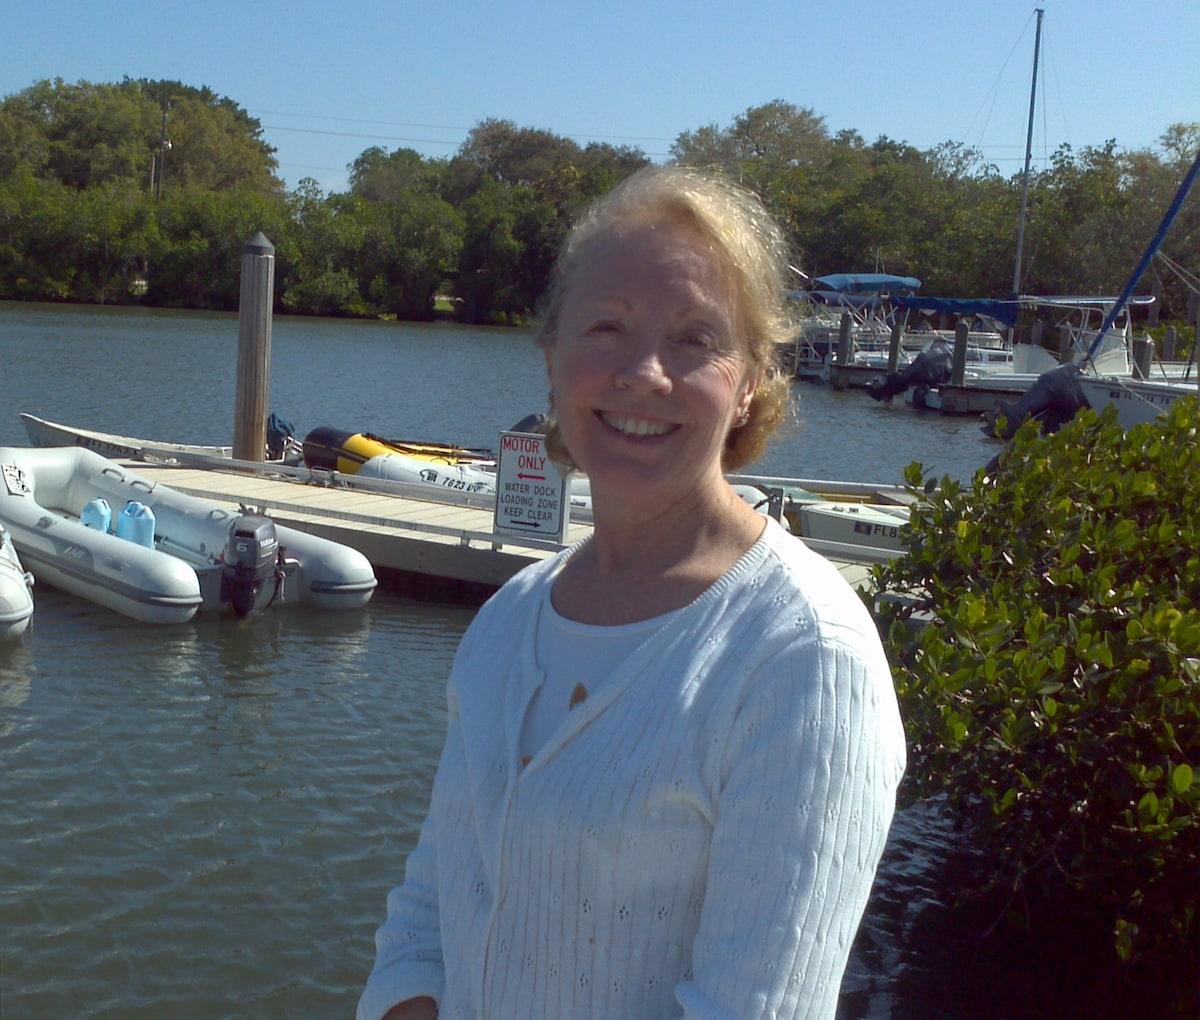 Sue from Malden